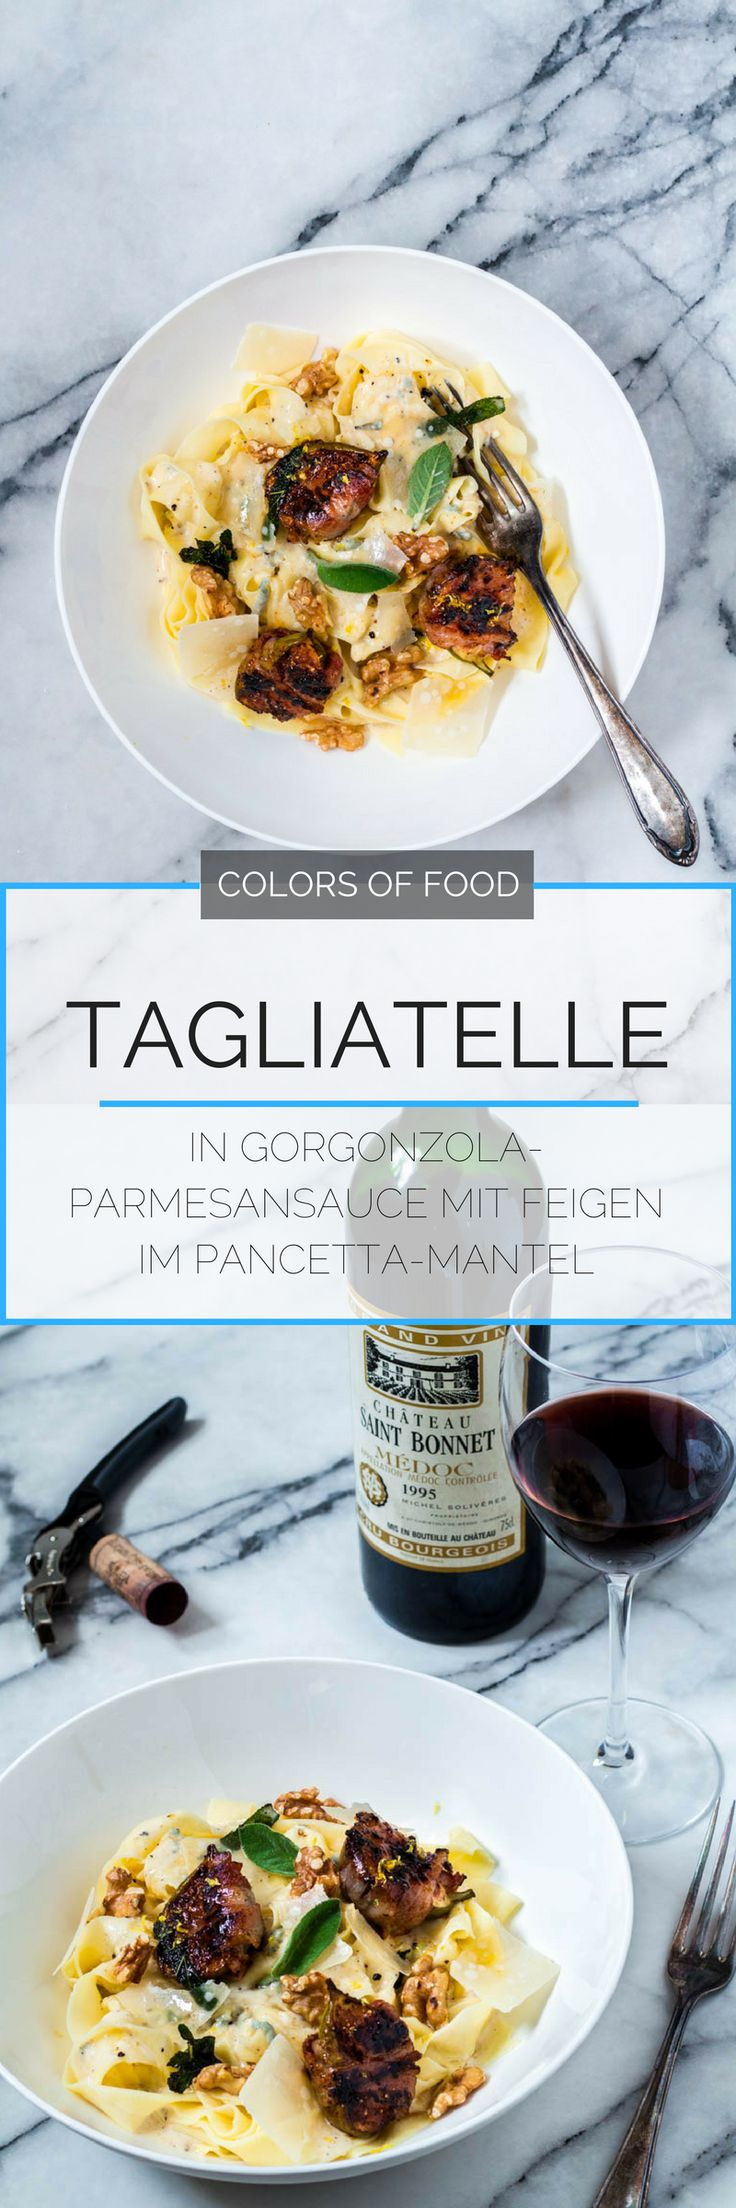 Tagliatelle mit Parmesan-Gorgonzola-Soße und Feigen im Pancettamantel